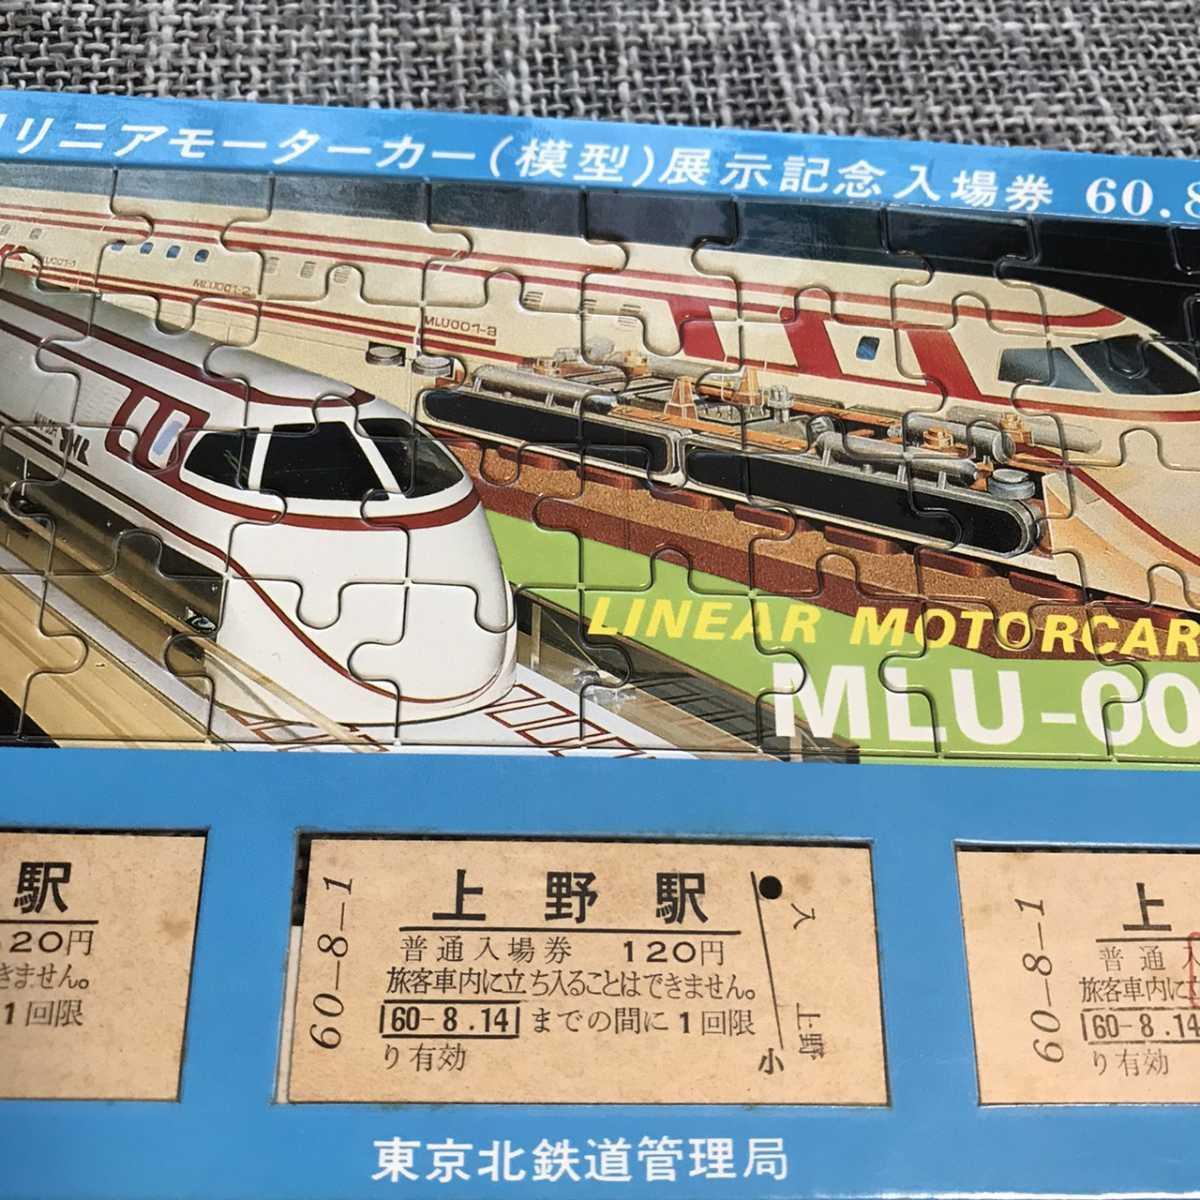 昭和60年 上野駅リニアモーターカー(模型)展示記念入場券 60年8月1日 東京北鉄道管理局 記念きっぷ 記念切符 送料無料